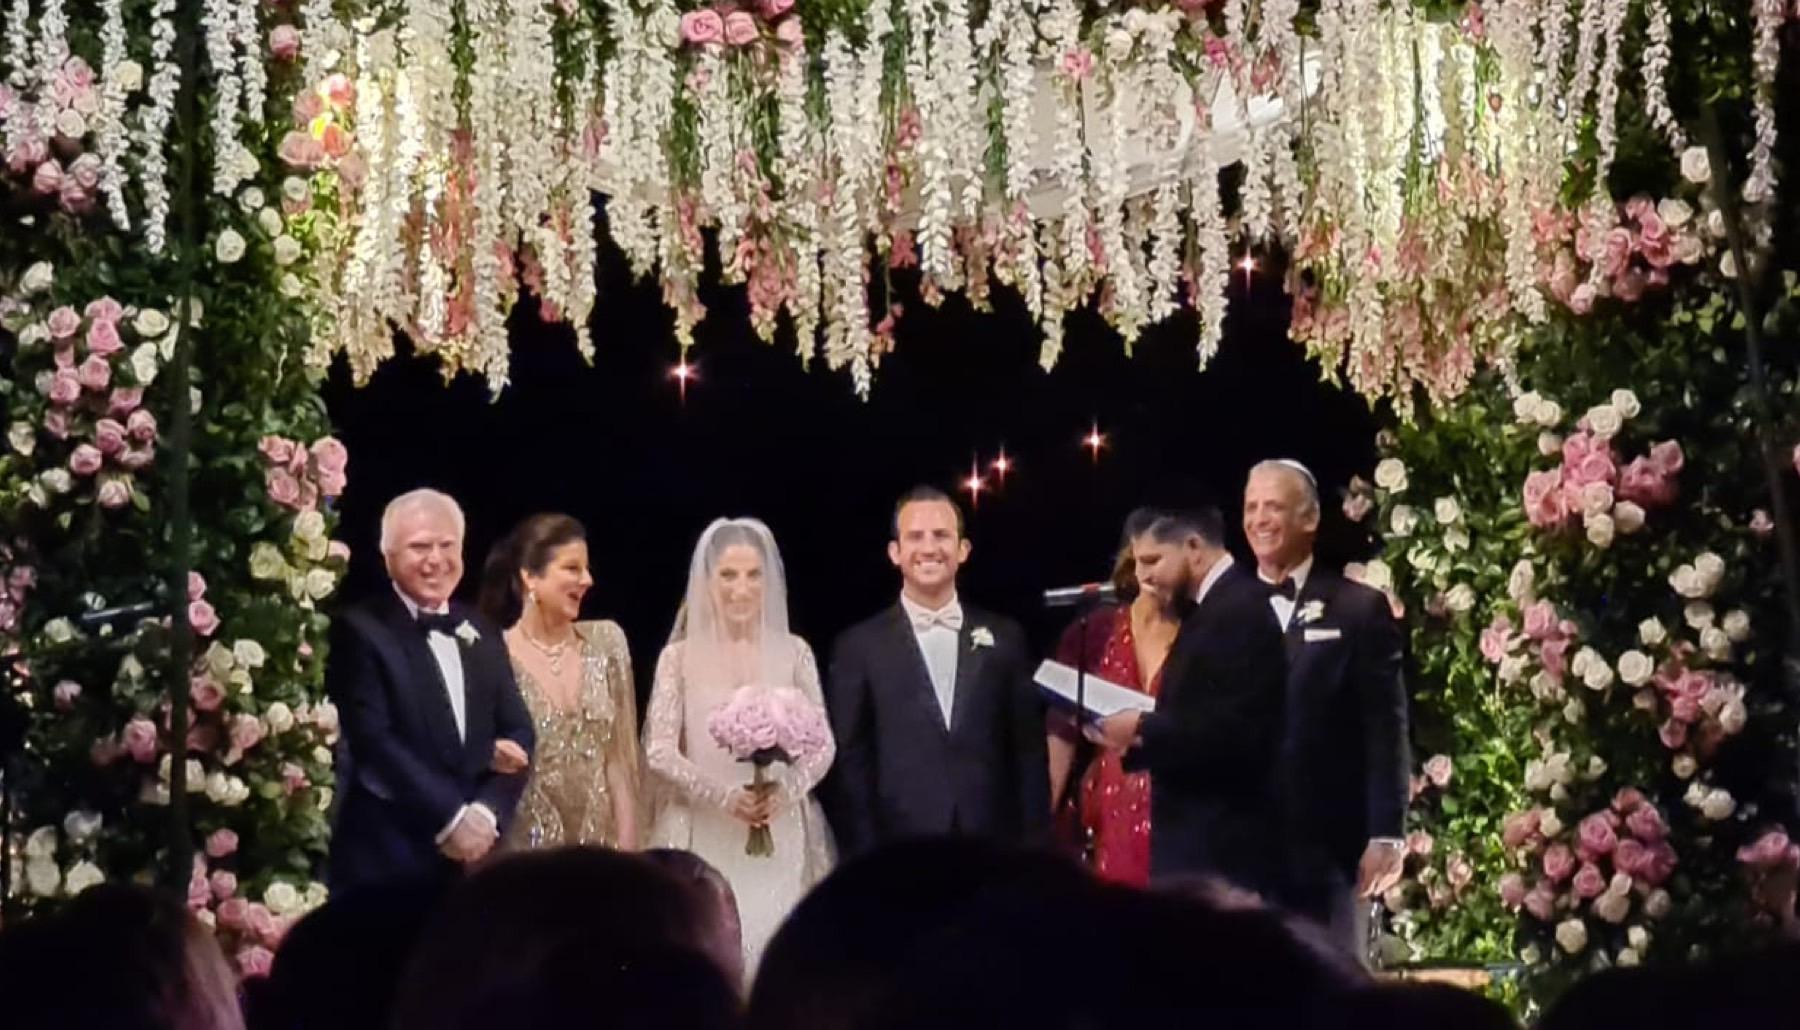 La boda de Deborah Sandler y Daniel Artenstein